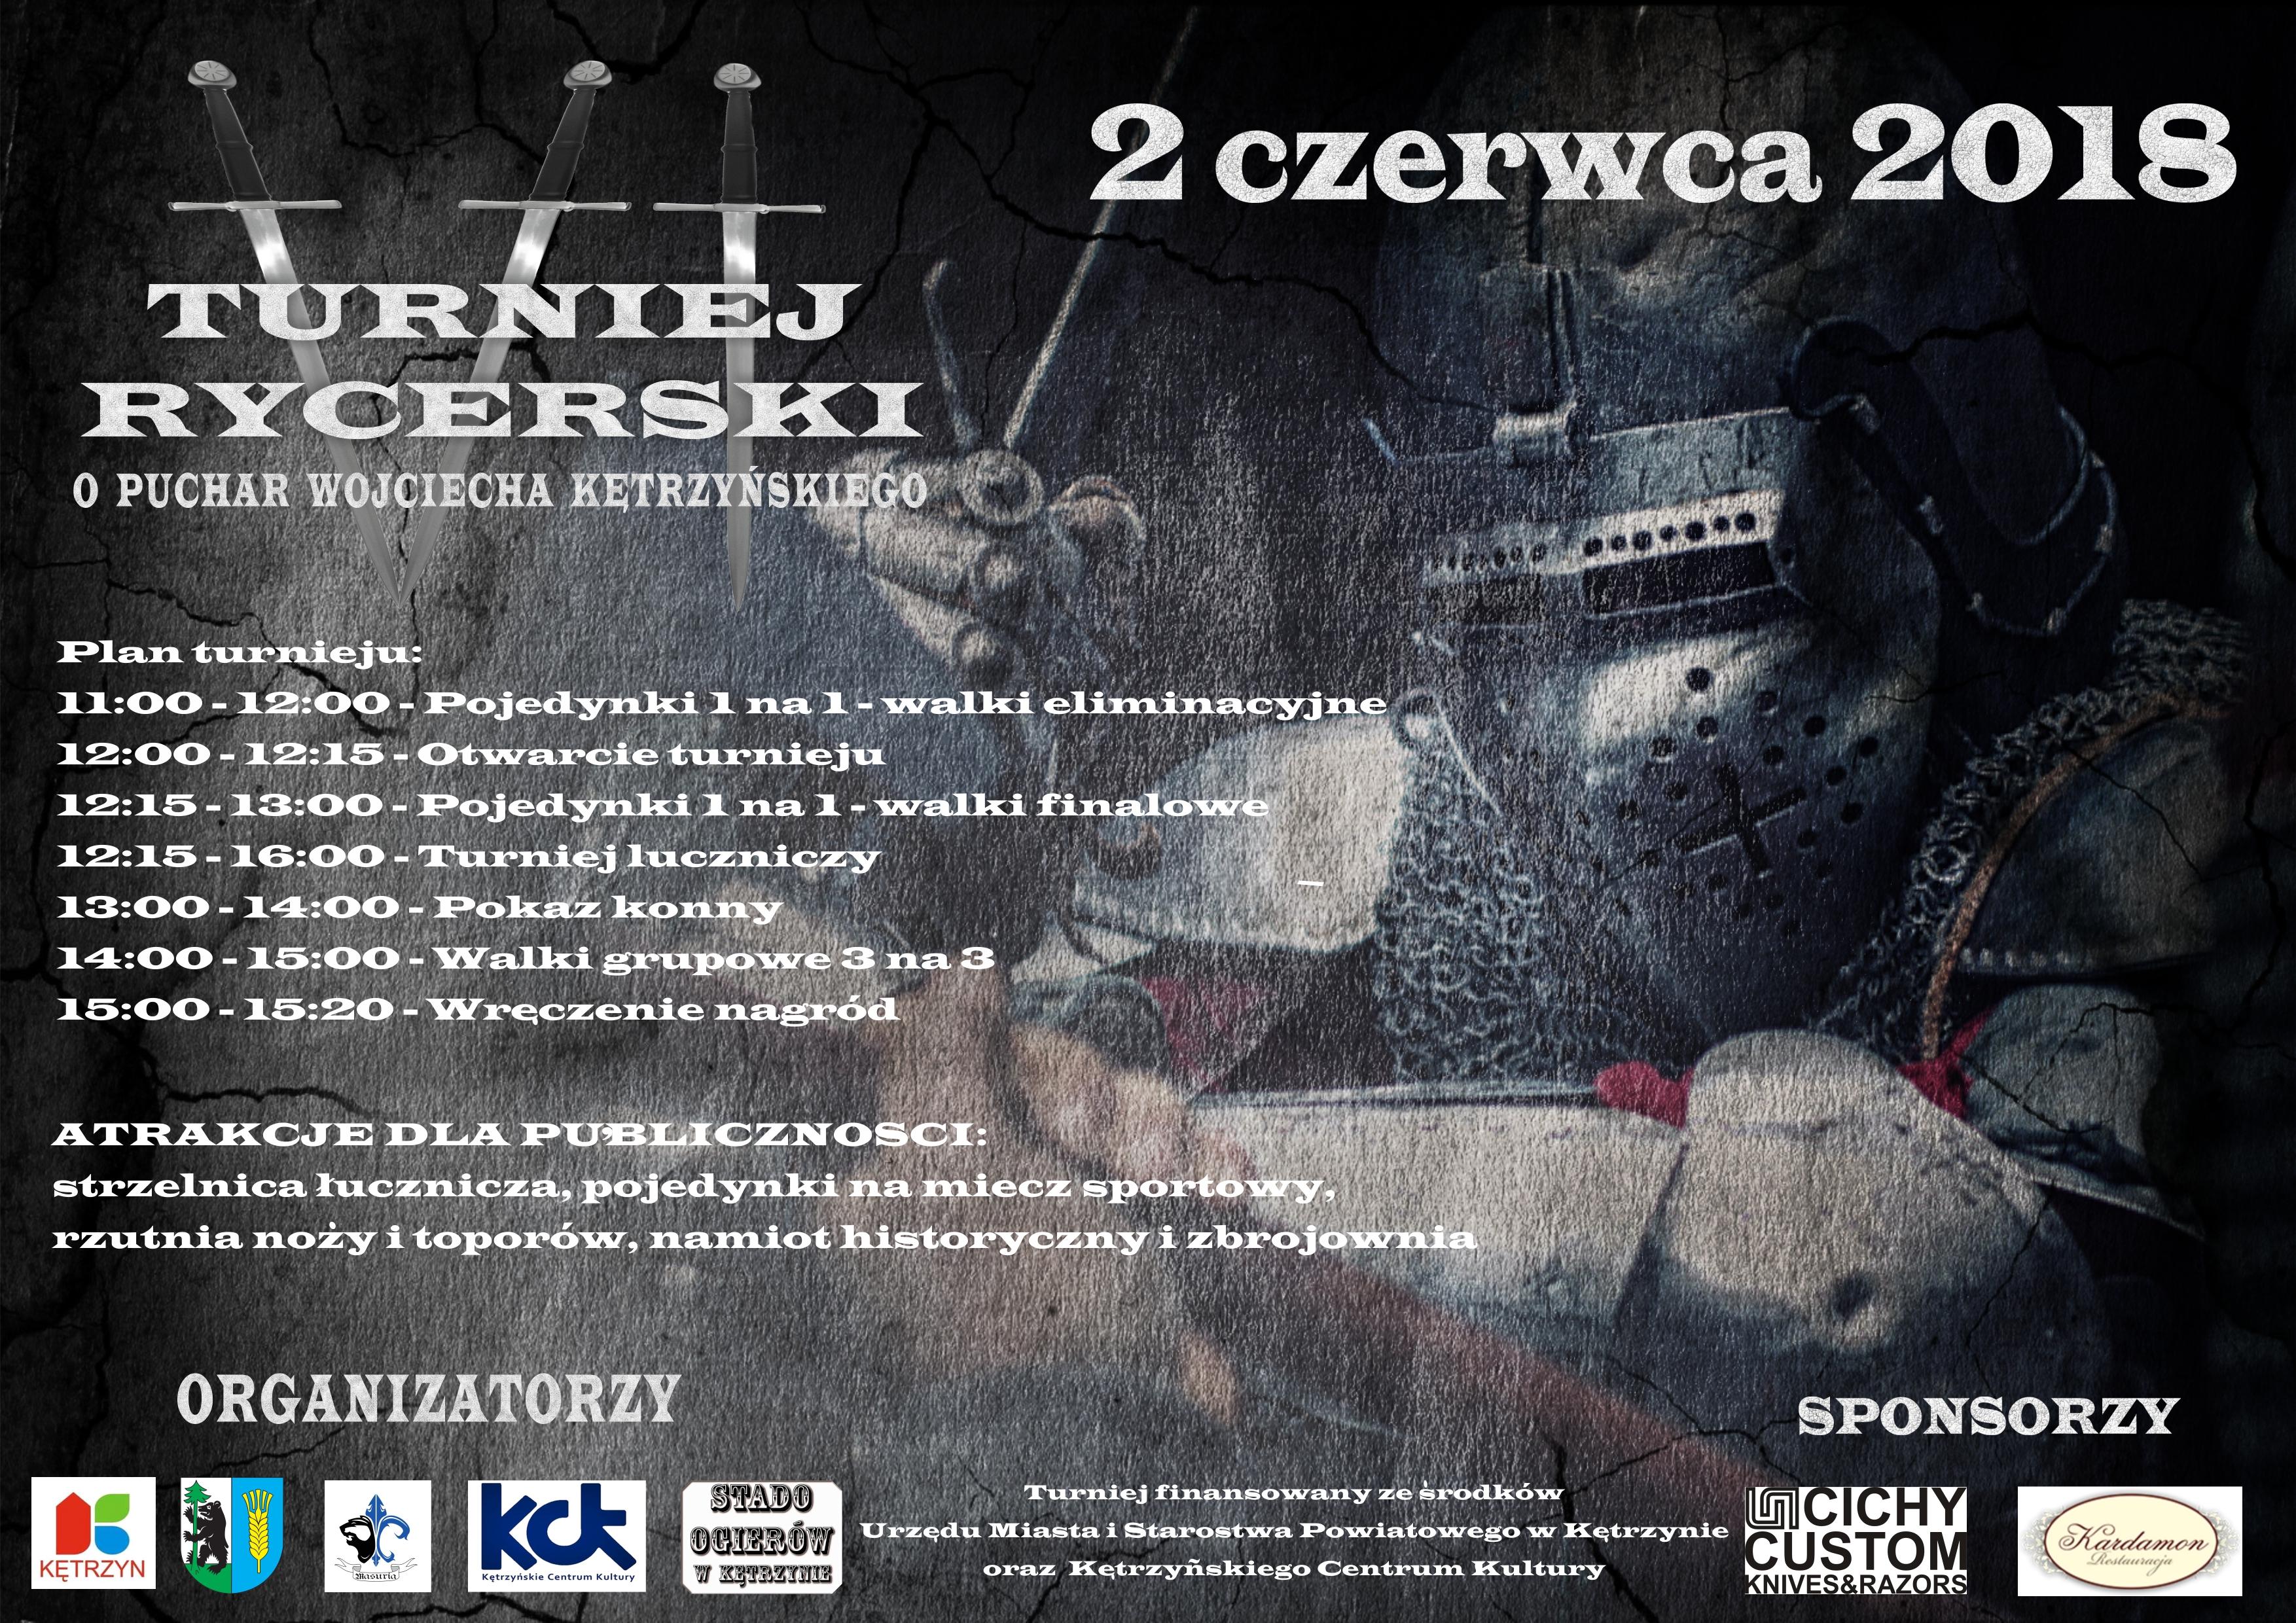 http://m.wm.pl/2018/05/orig/turniej-2018-v-1-469942.jpg